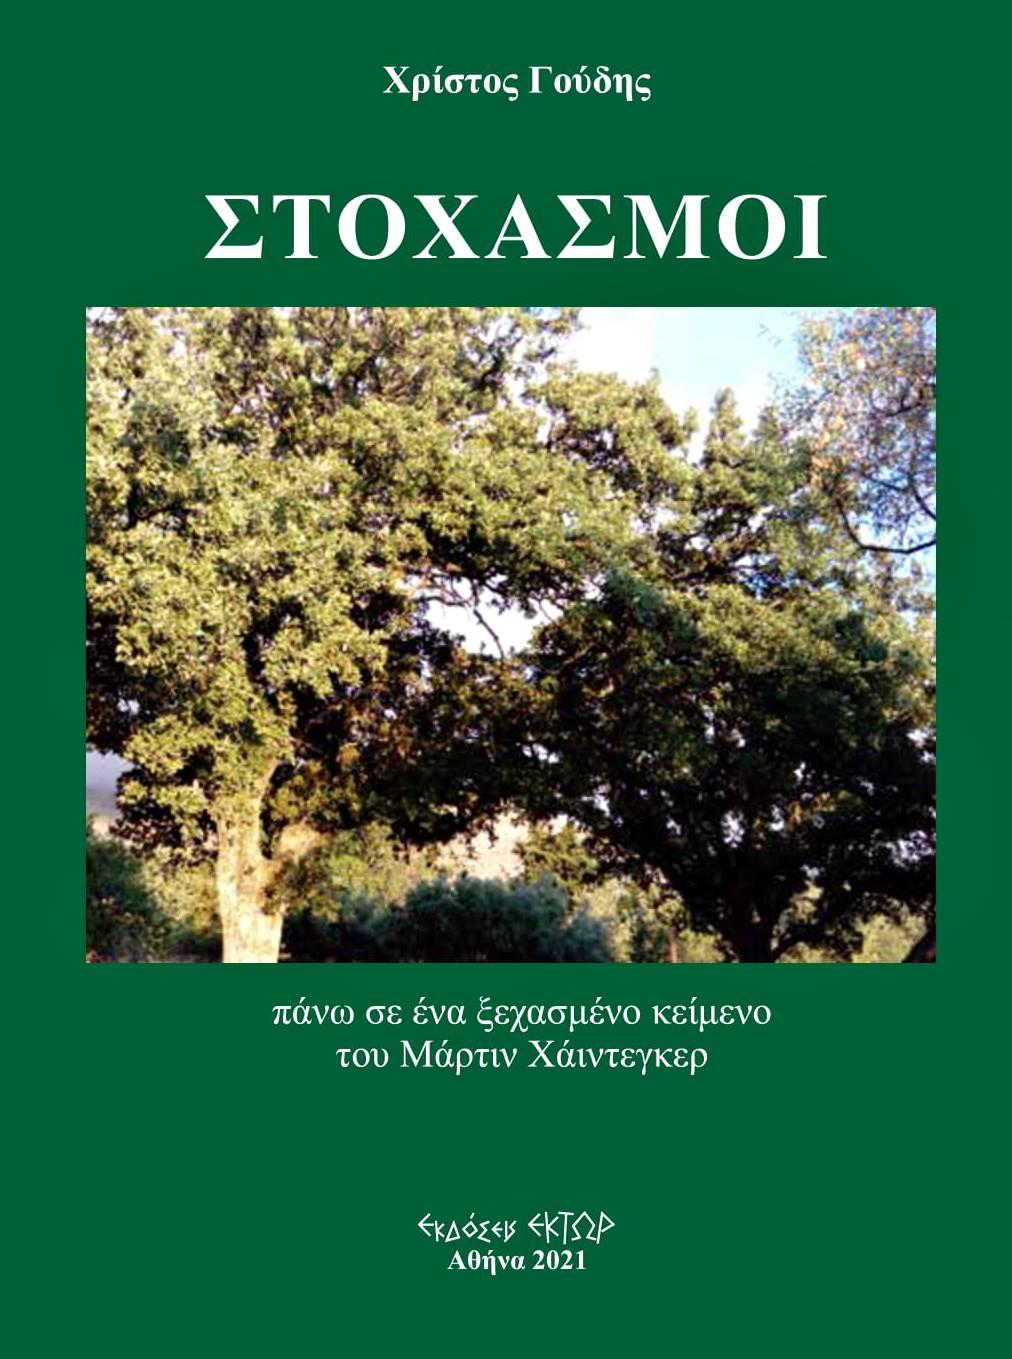 Νέο βιβλίο του Χρ. Γούδη: Στοχασμοί, πάνω σε ένα ξεχασμένο κείμενο του Μάρτιν Χάιντεγκερ